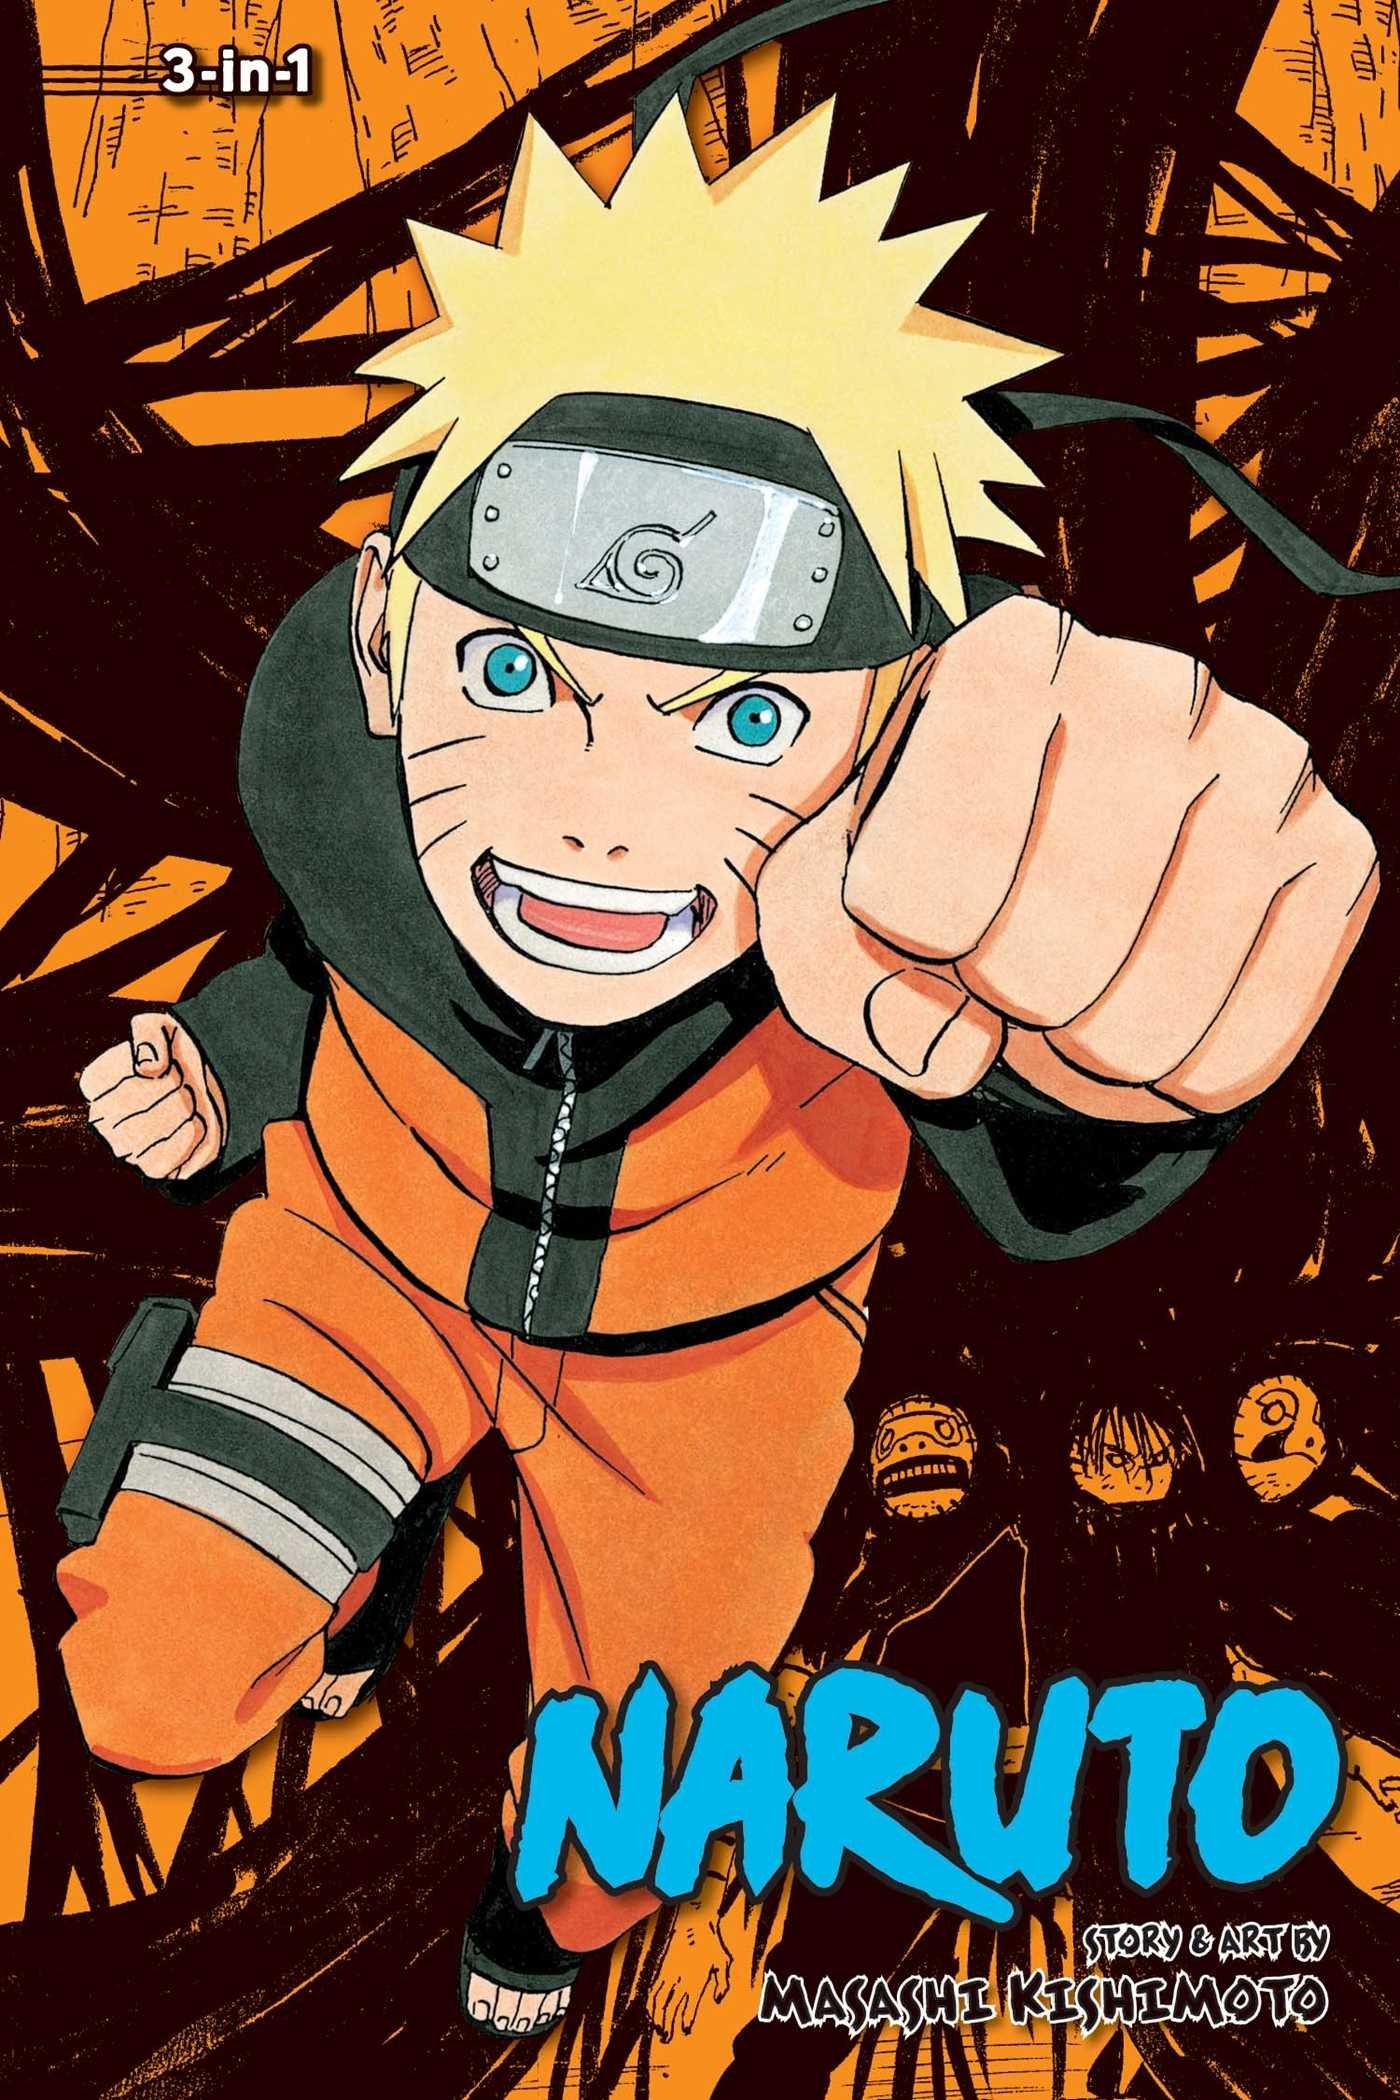 Naruto 37-39 (könyv) - Masashi Kishimoto   Rukkola hu